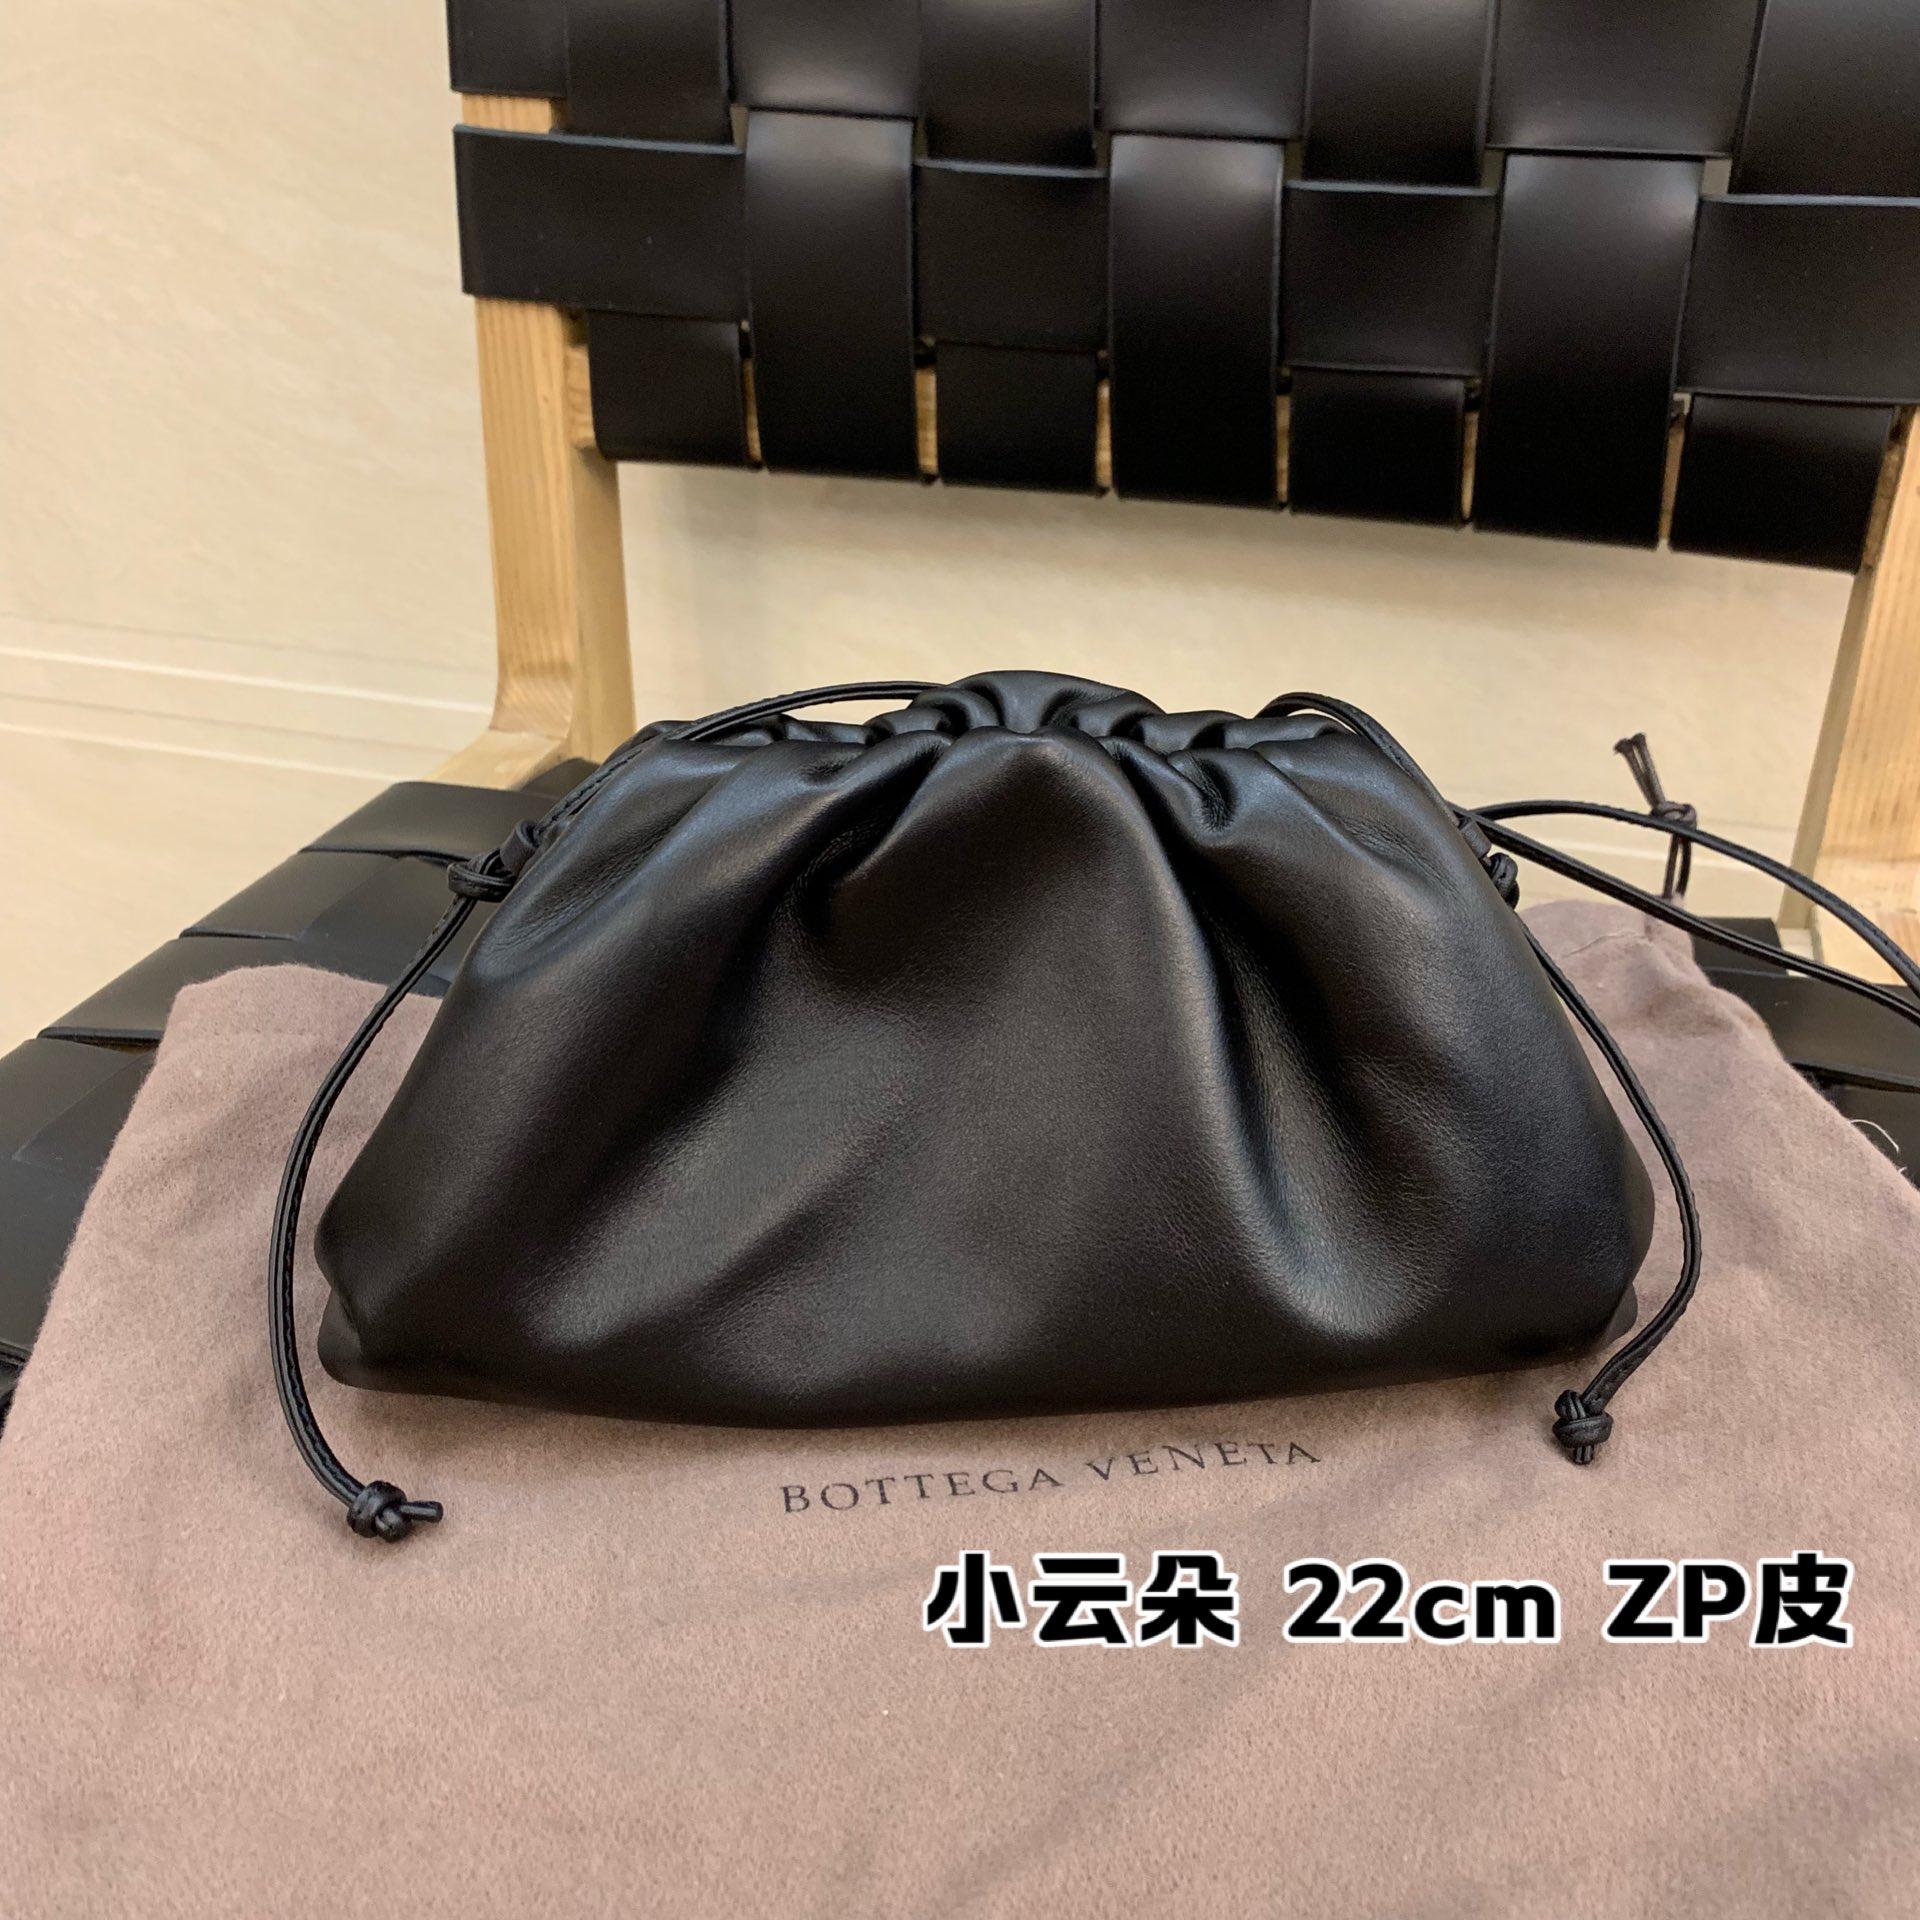 ¥1440 正品皮THE MINI POUCH 王牌产品云朵包 585852正品皮 22*13*5